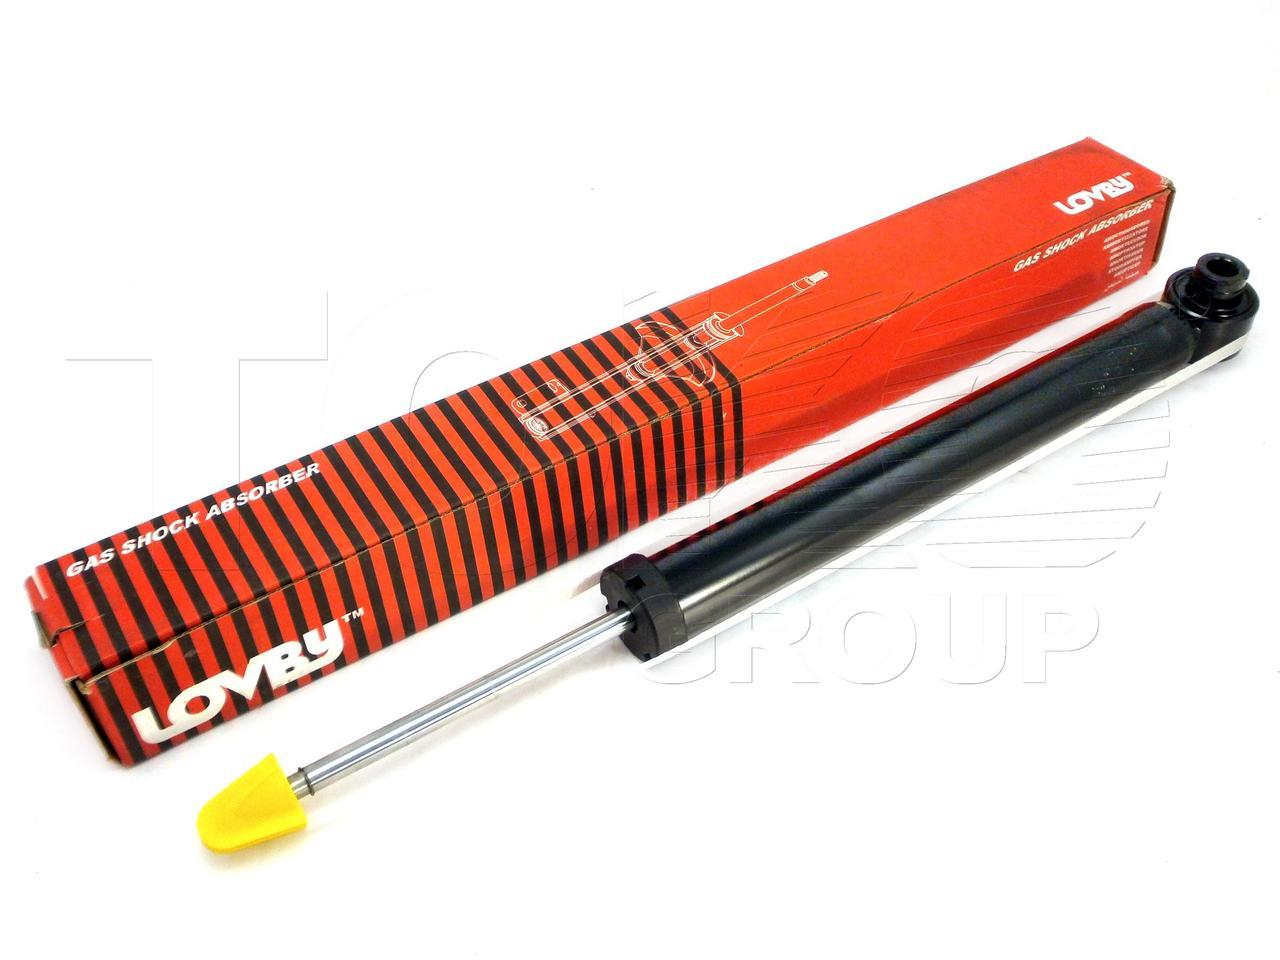 Задний газовый амортизатор AUDI A4 | Задние амортизаторы Ауди А4 8E0513033G, 8E0513033M, 8E0513036AE